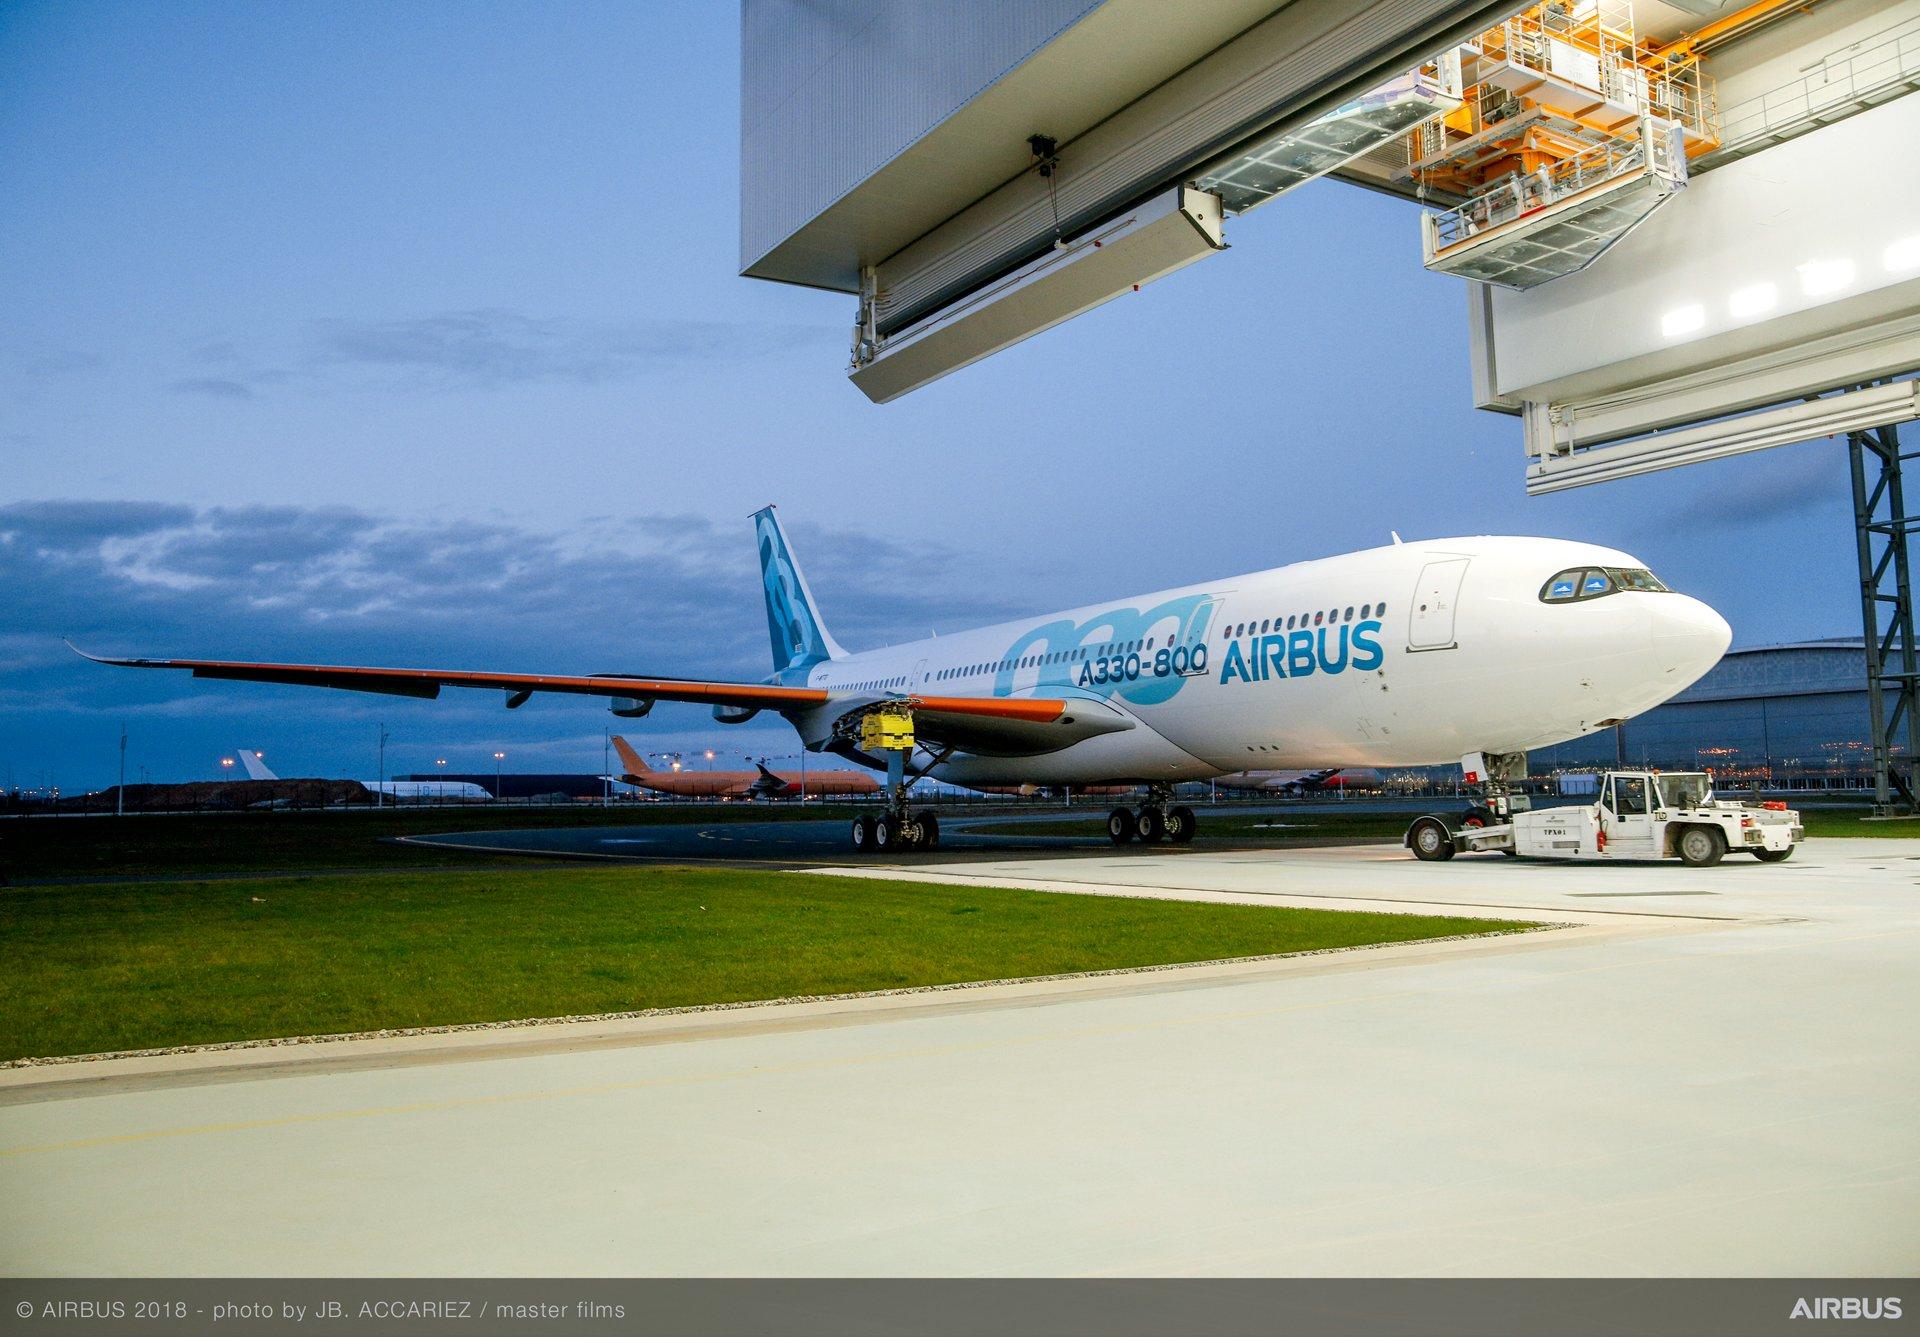 A330-800 rolling out of paintshop